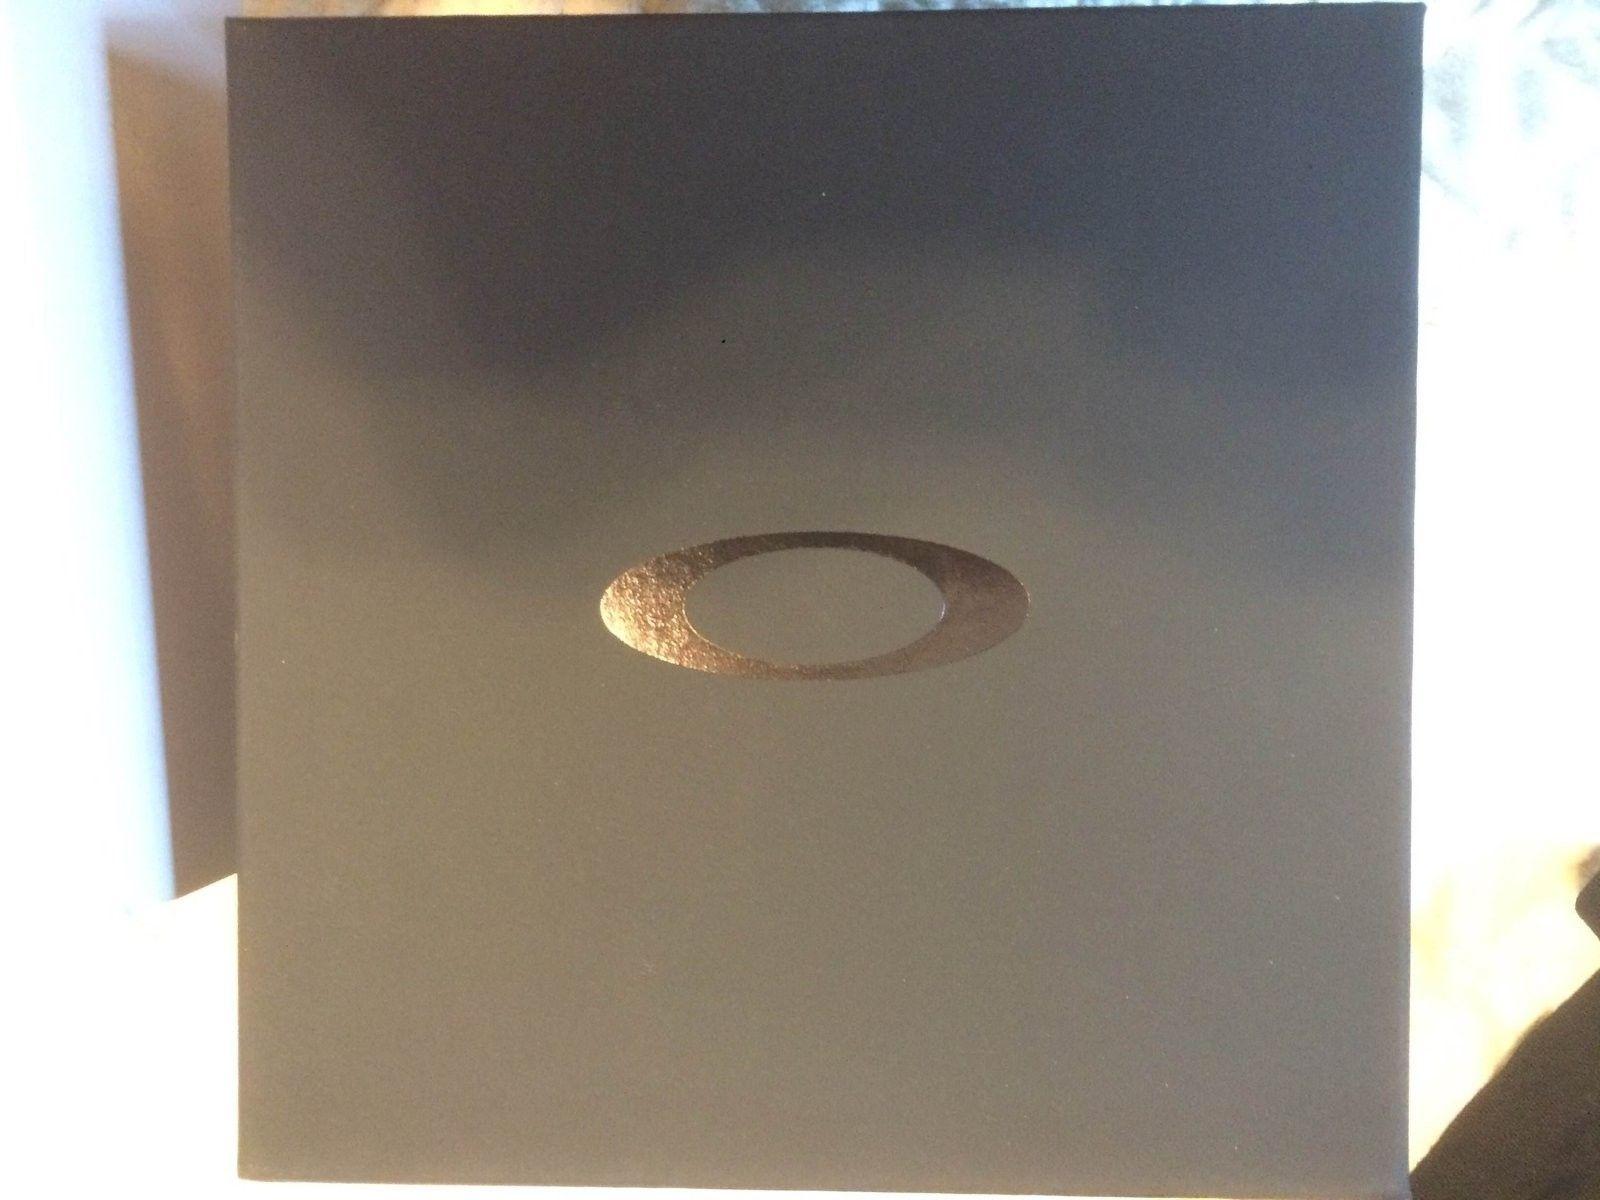 Carbon Carabiner Serial #484 - img_1409-jpg.172811.jpg